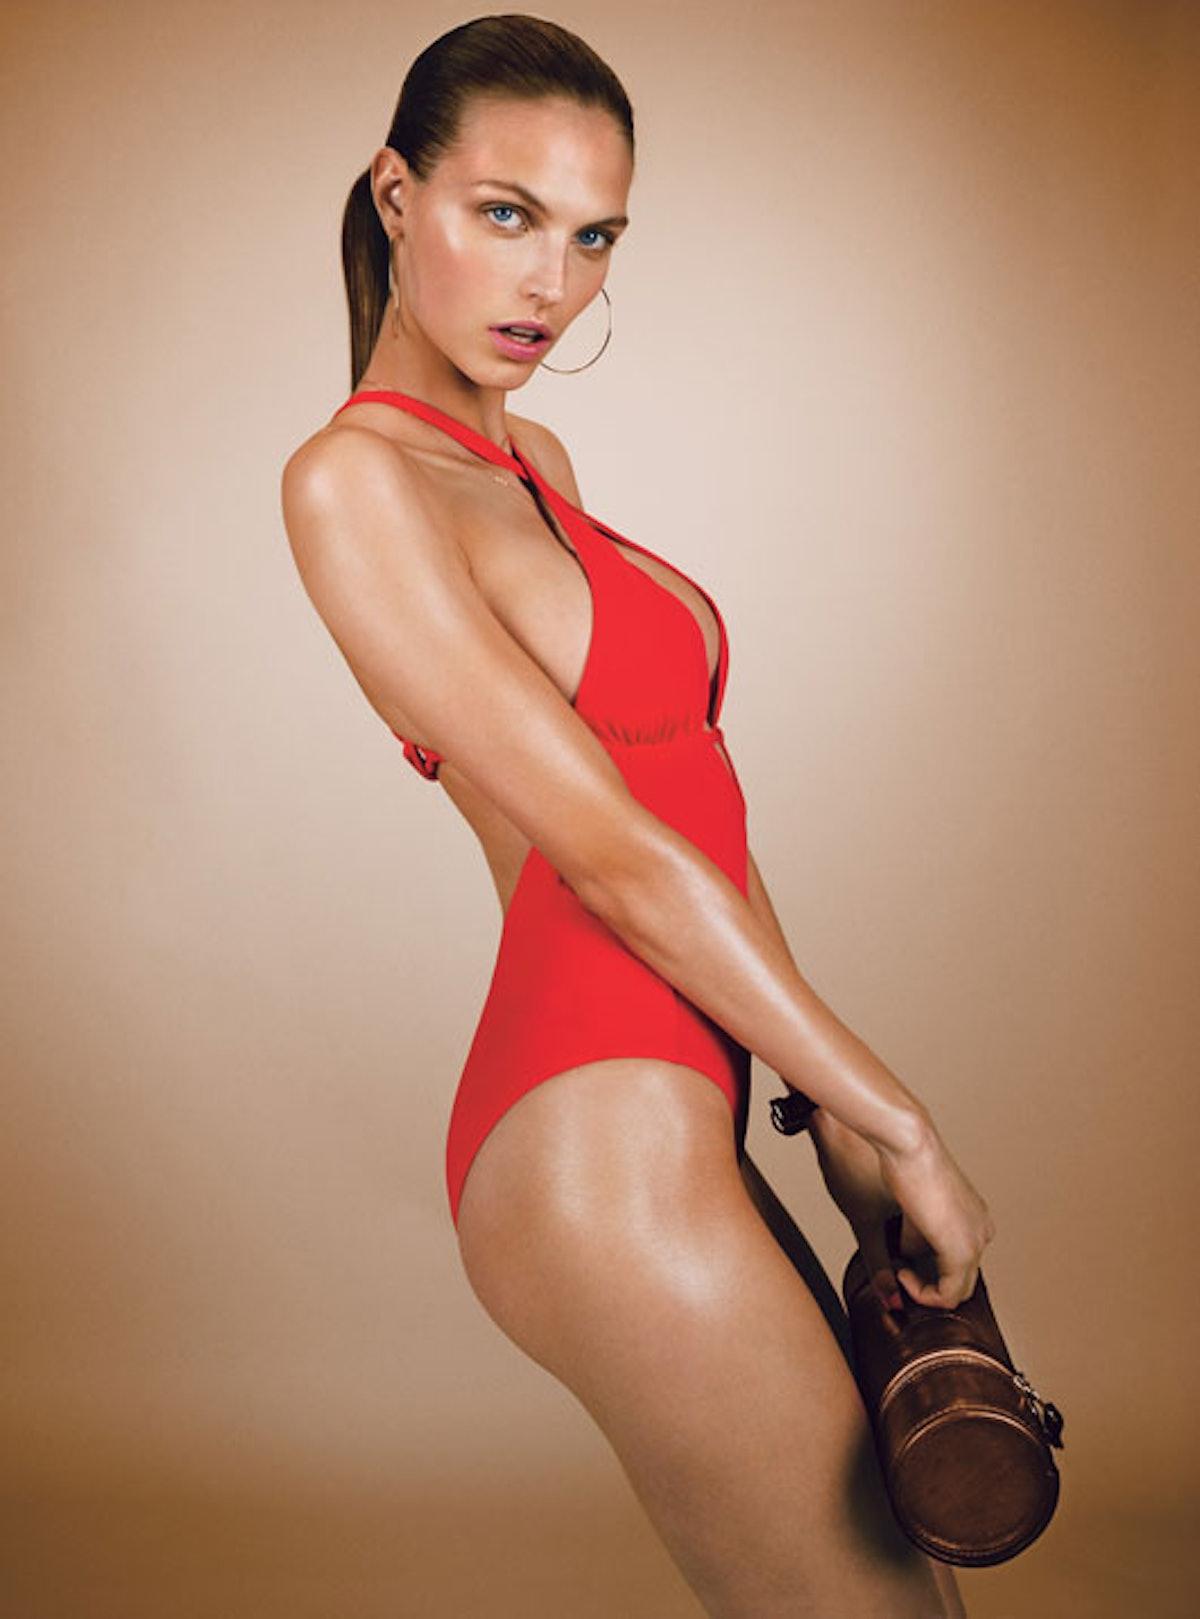 fass-sporty-summer-swimsuits-02-l.jpg